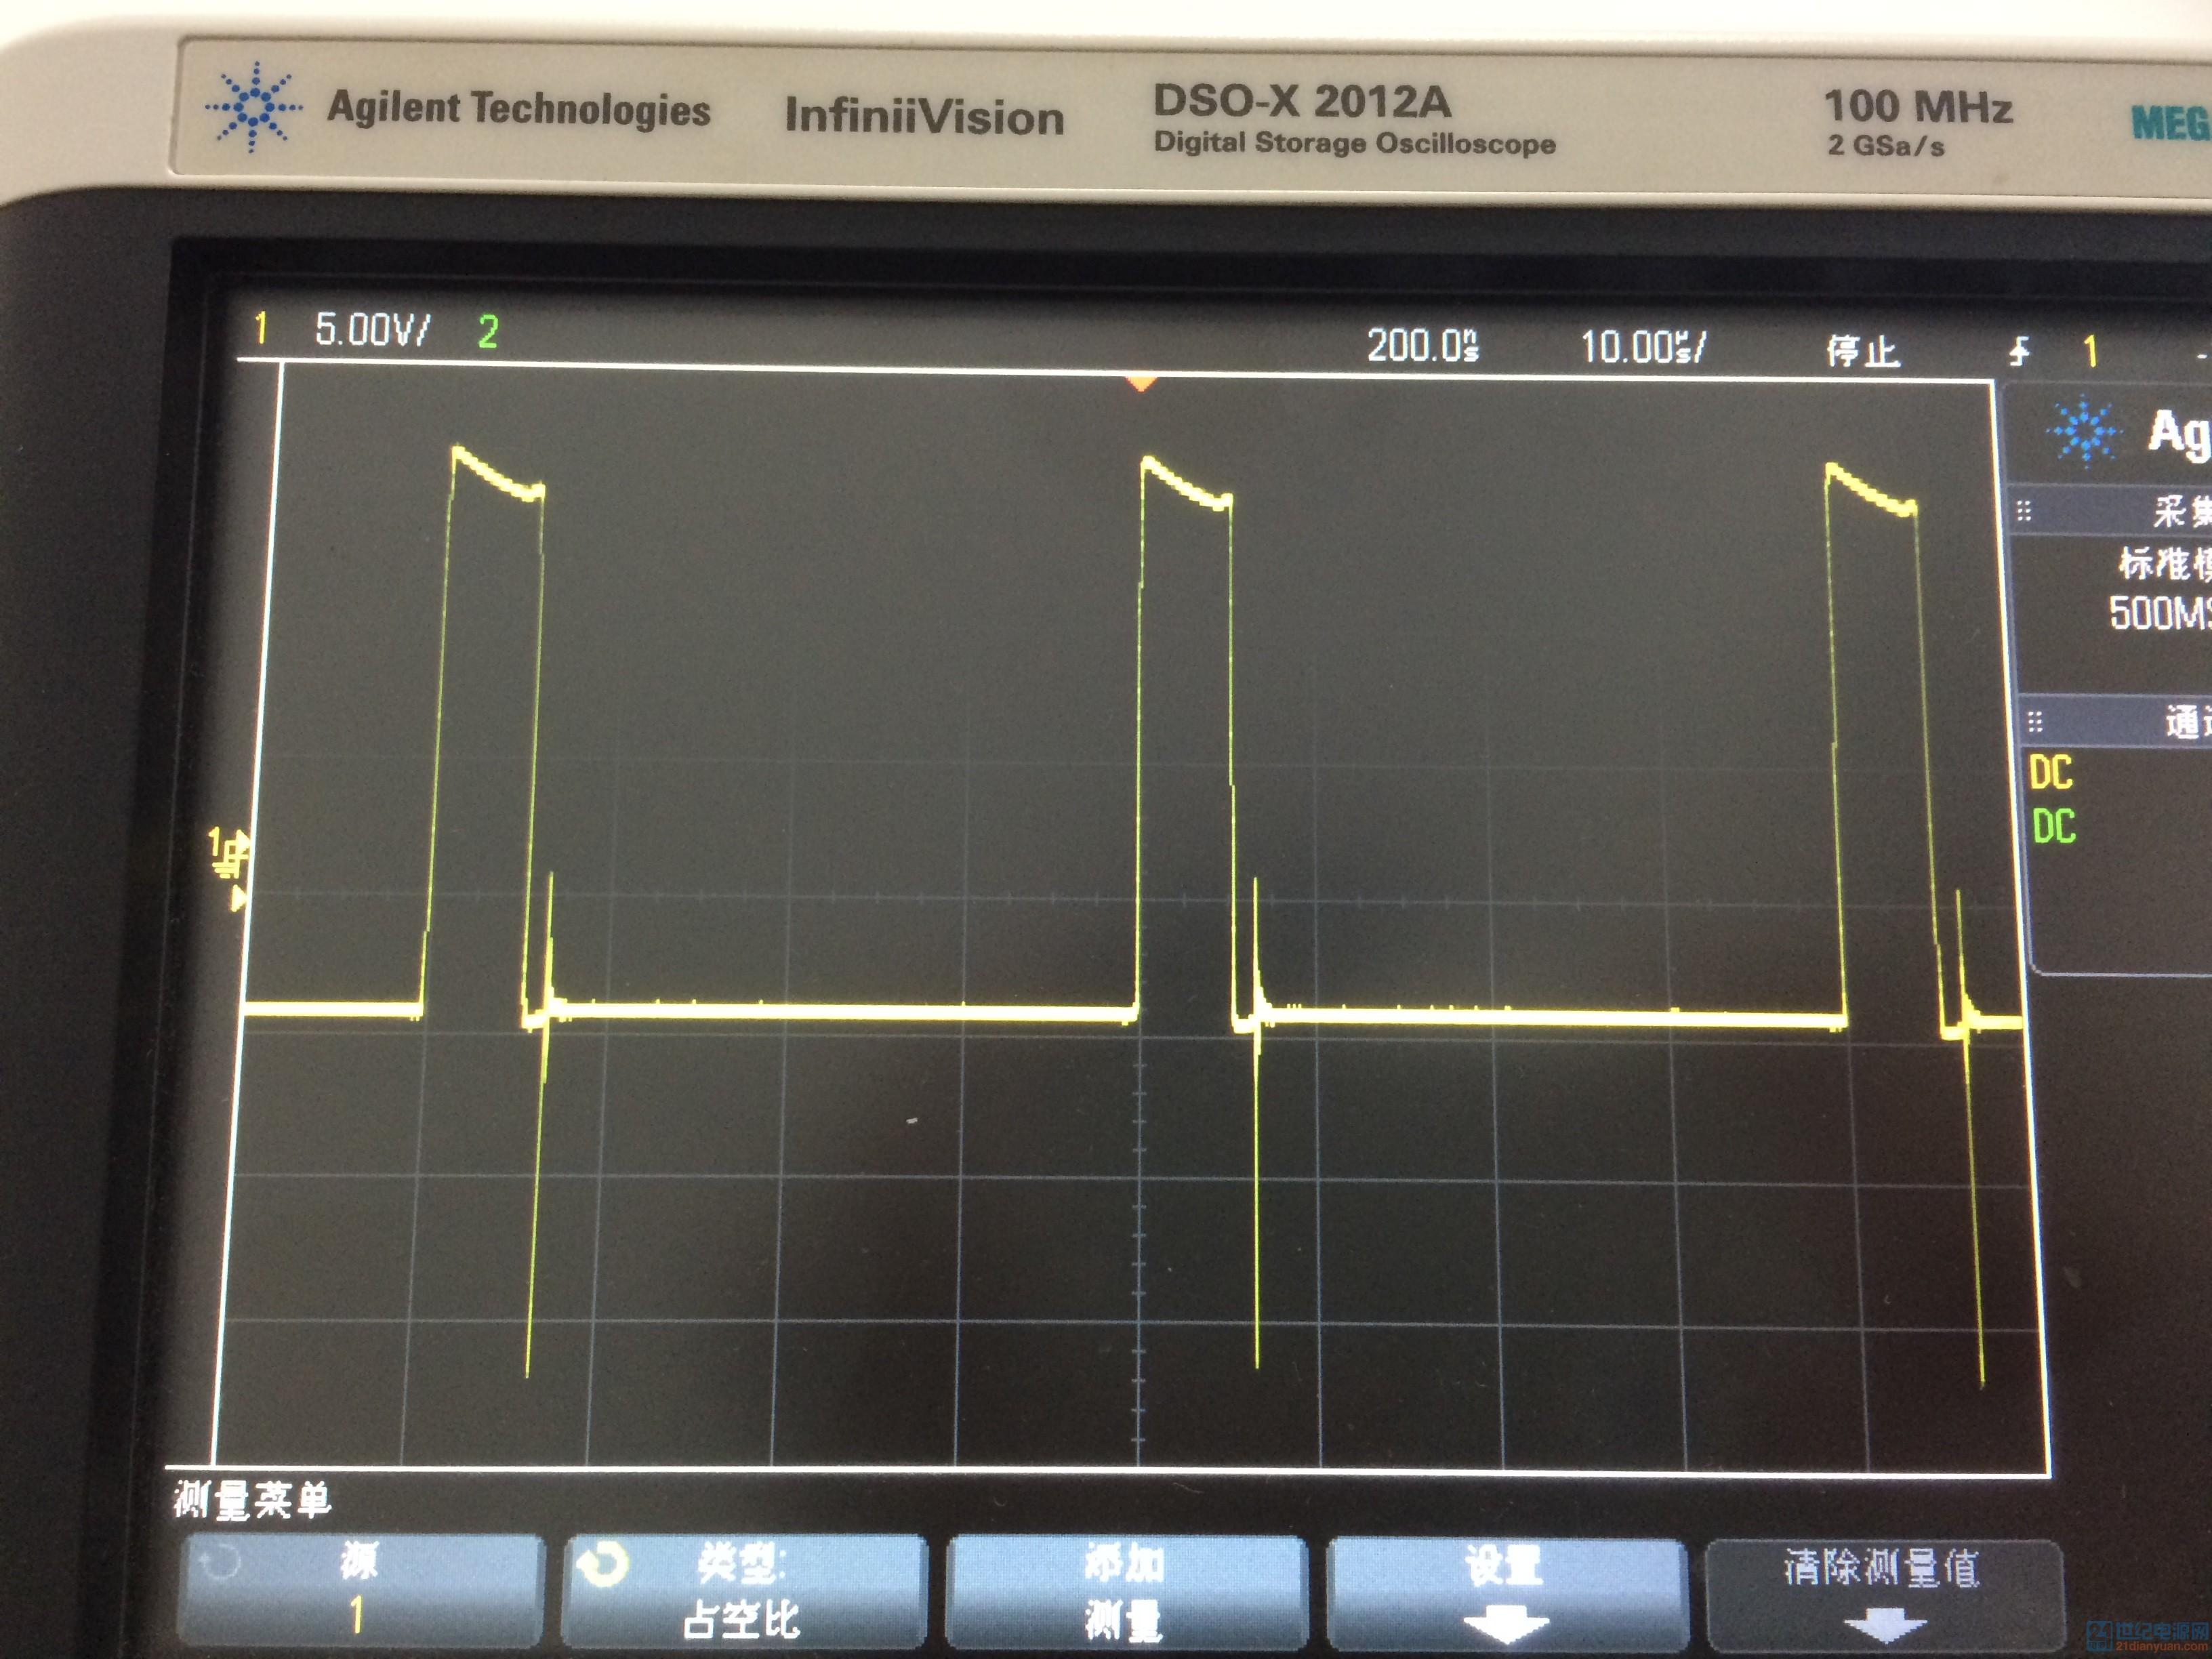 全桥逆变电路,在加大直流母线电压后,驱动波形出现震荡(而且很奇怪的